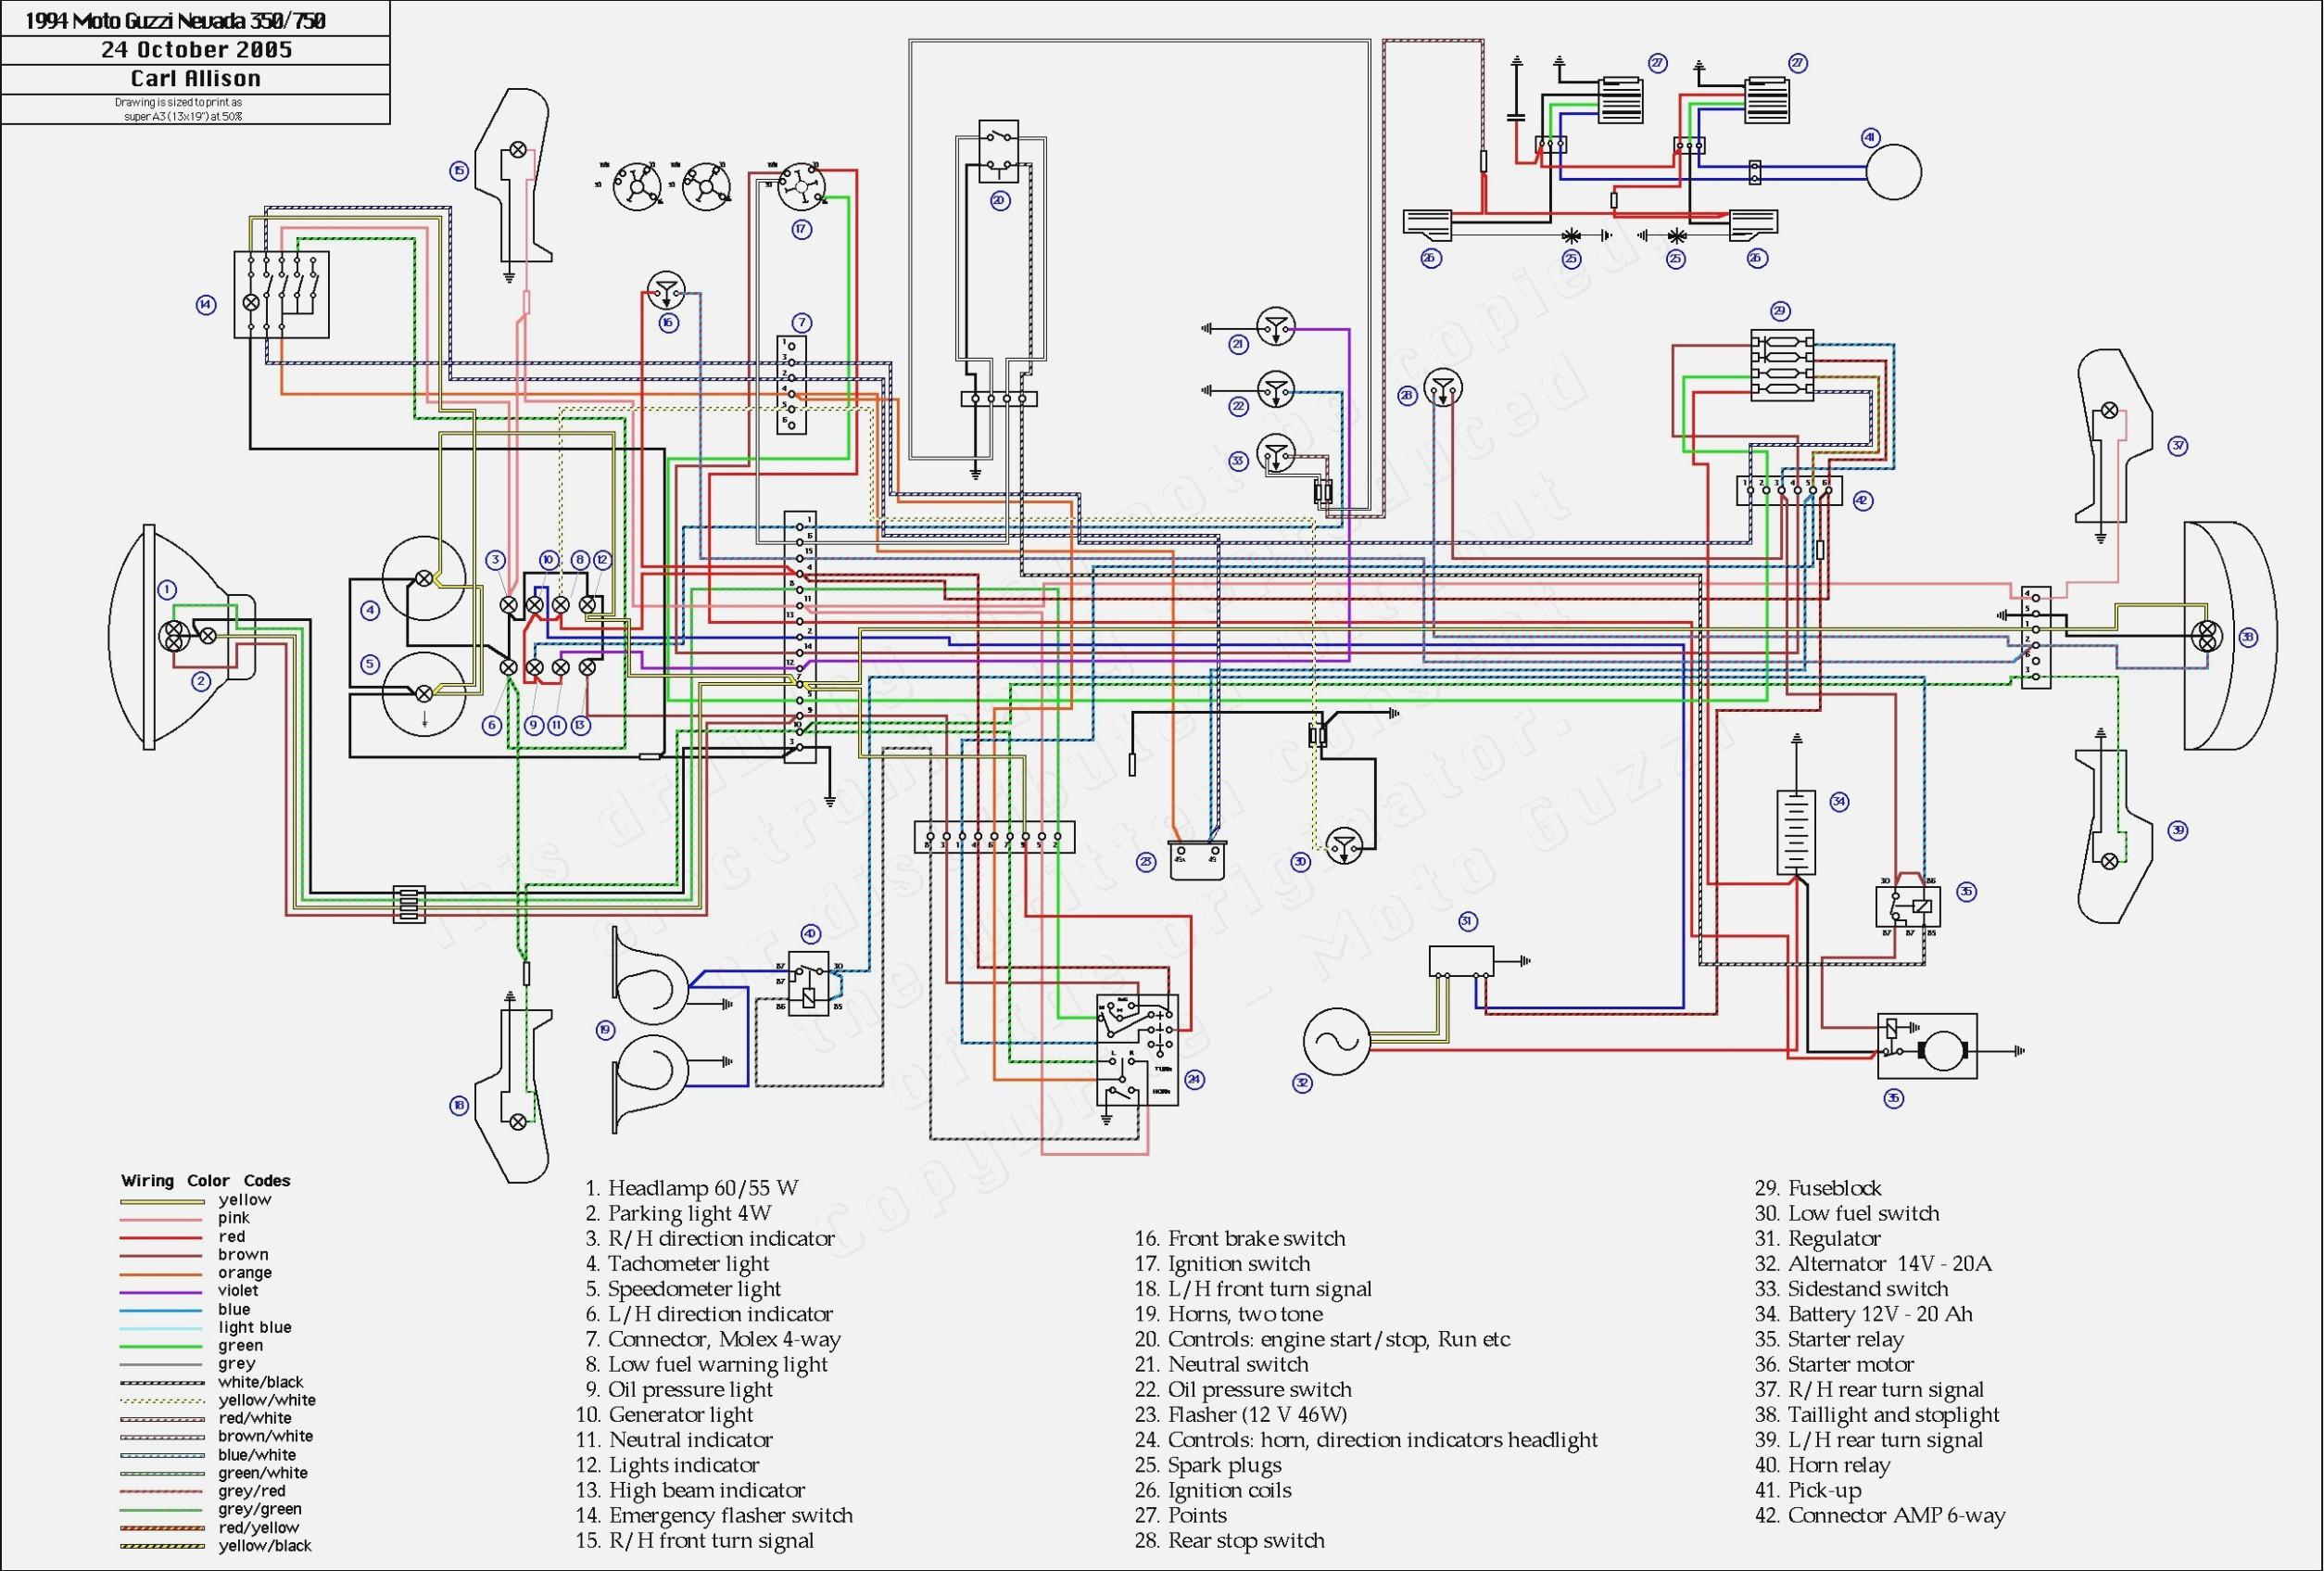 Simple Turn Signal Wiring Diagram Dyna Turn Signal Wiring Diagram Wiring Diagram toolbox Of Simple Turn Signal Wiring Diagram Simple Turn Signal Wiring Diagram Wiring Diagram today